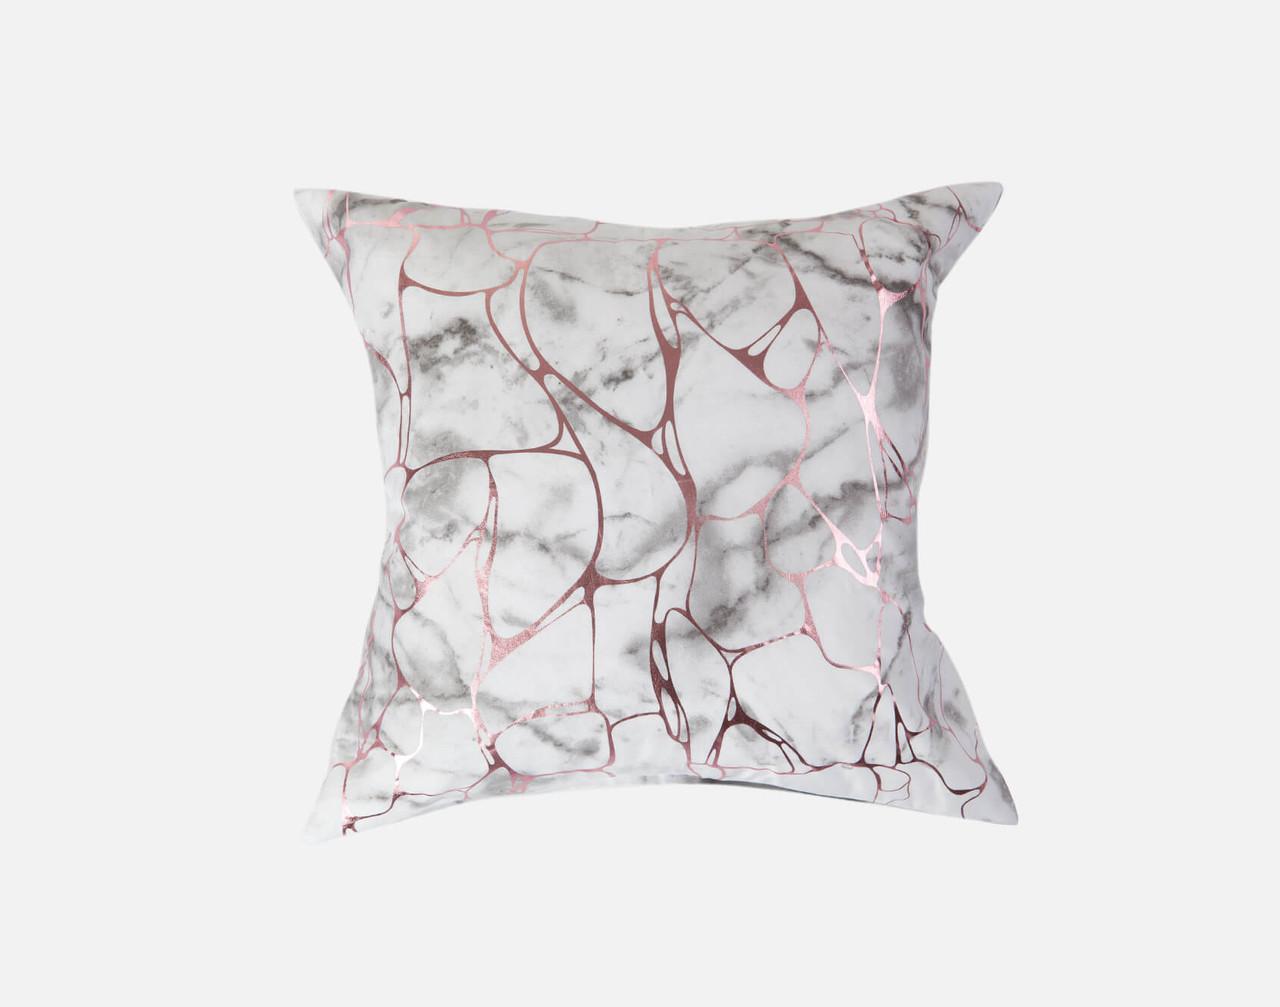 Merano Square Cushion Cover